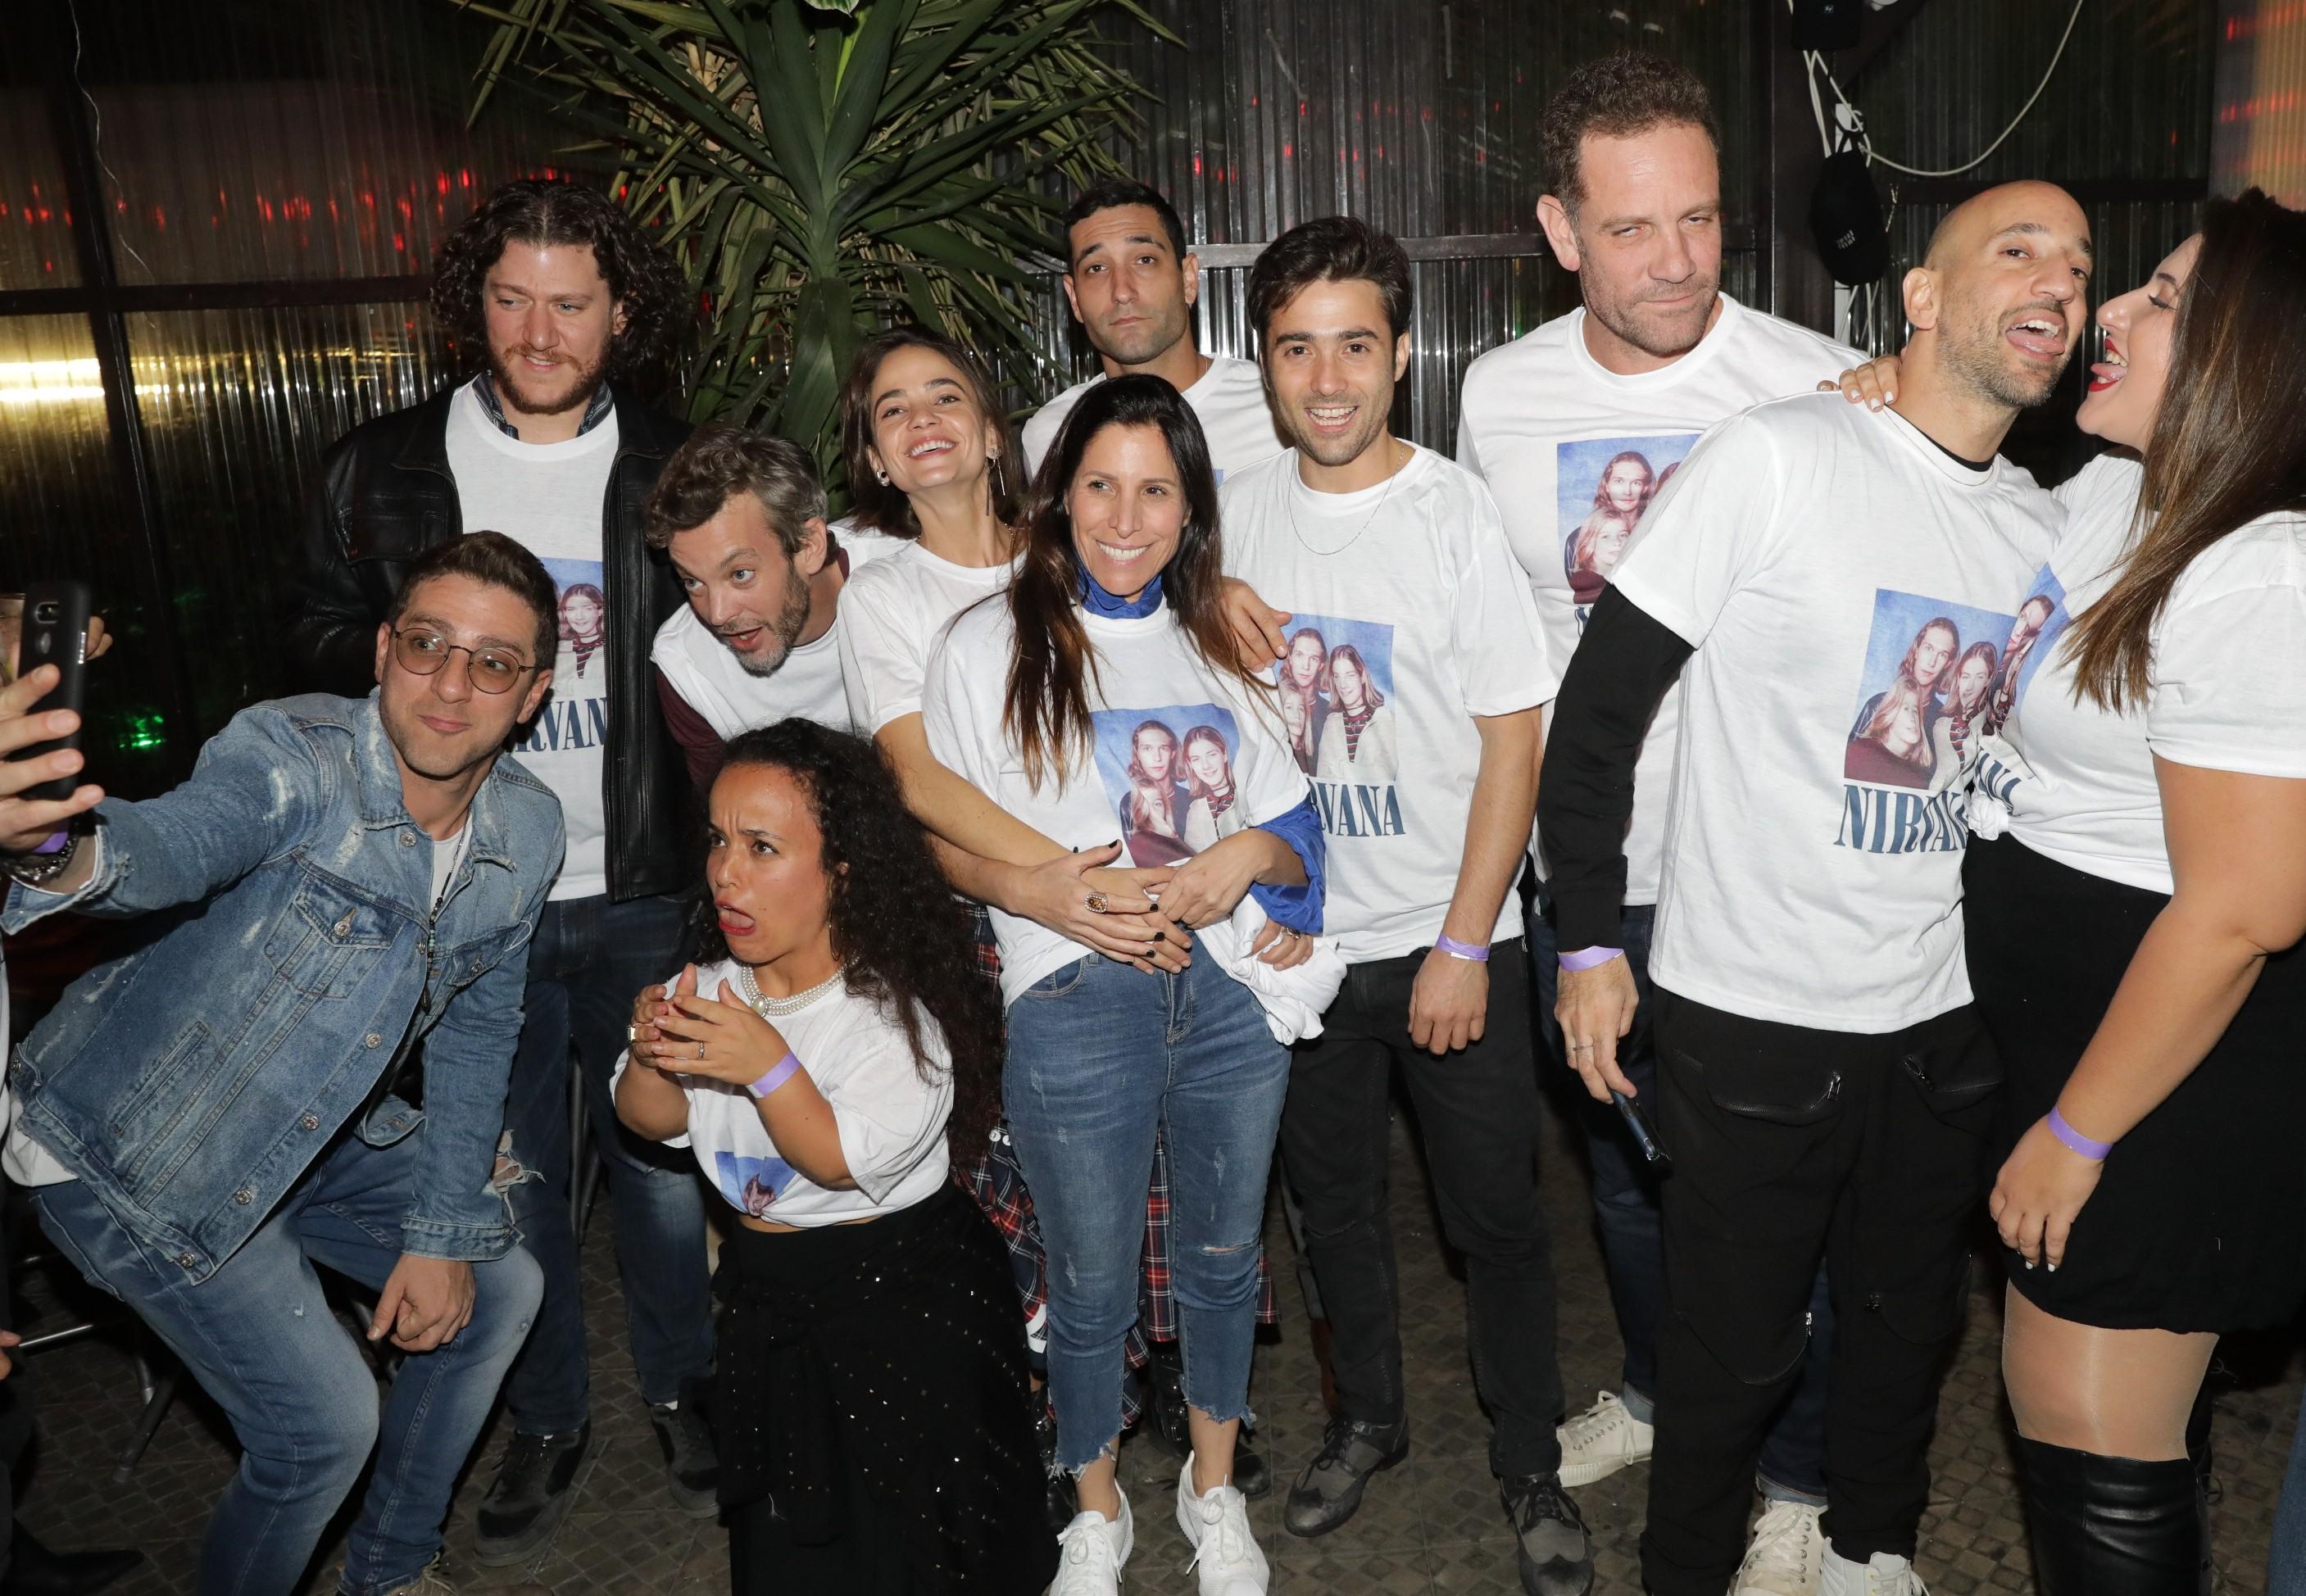 תמונה קבוצתית מאירוע הסיום של צילומי העונה השלישית של מטומטמת